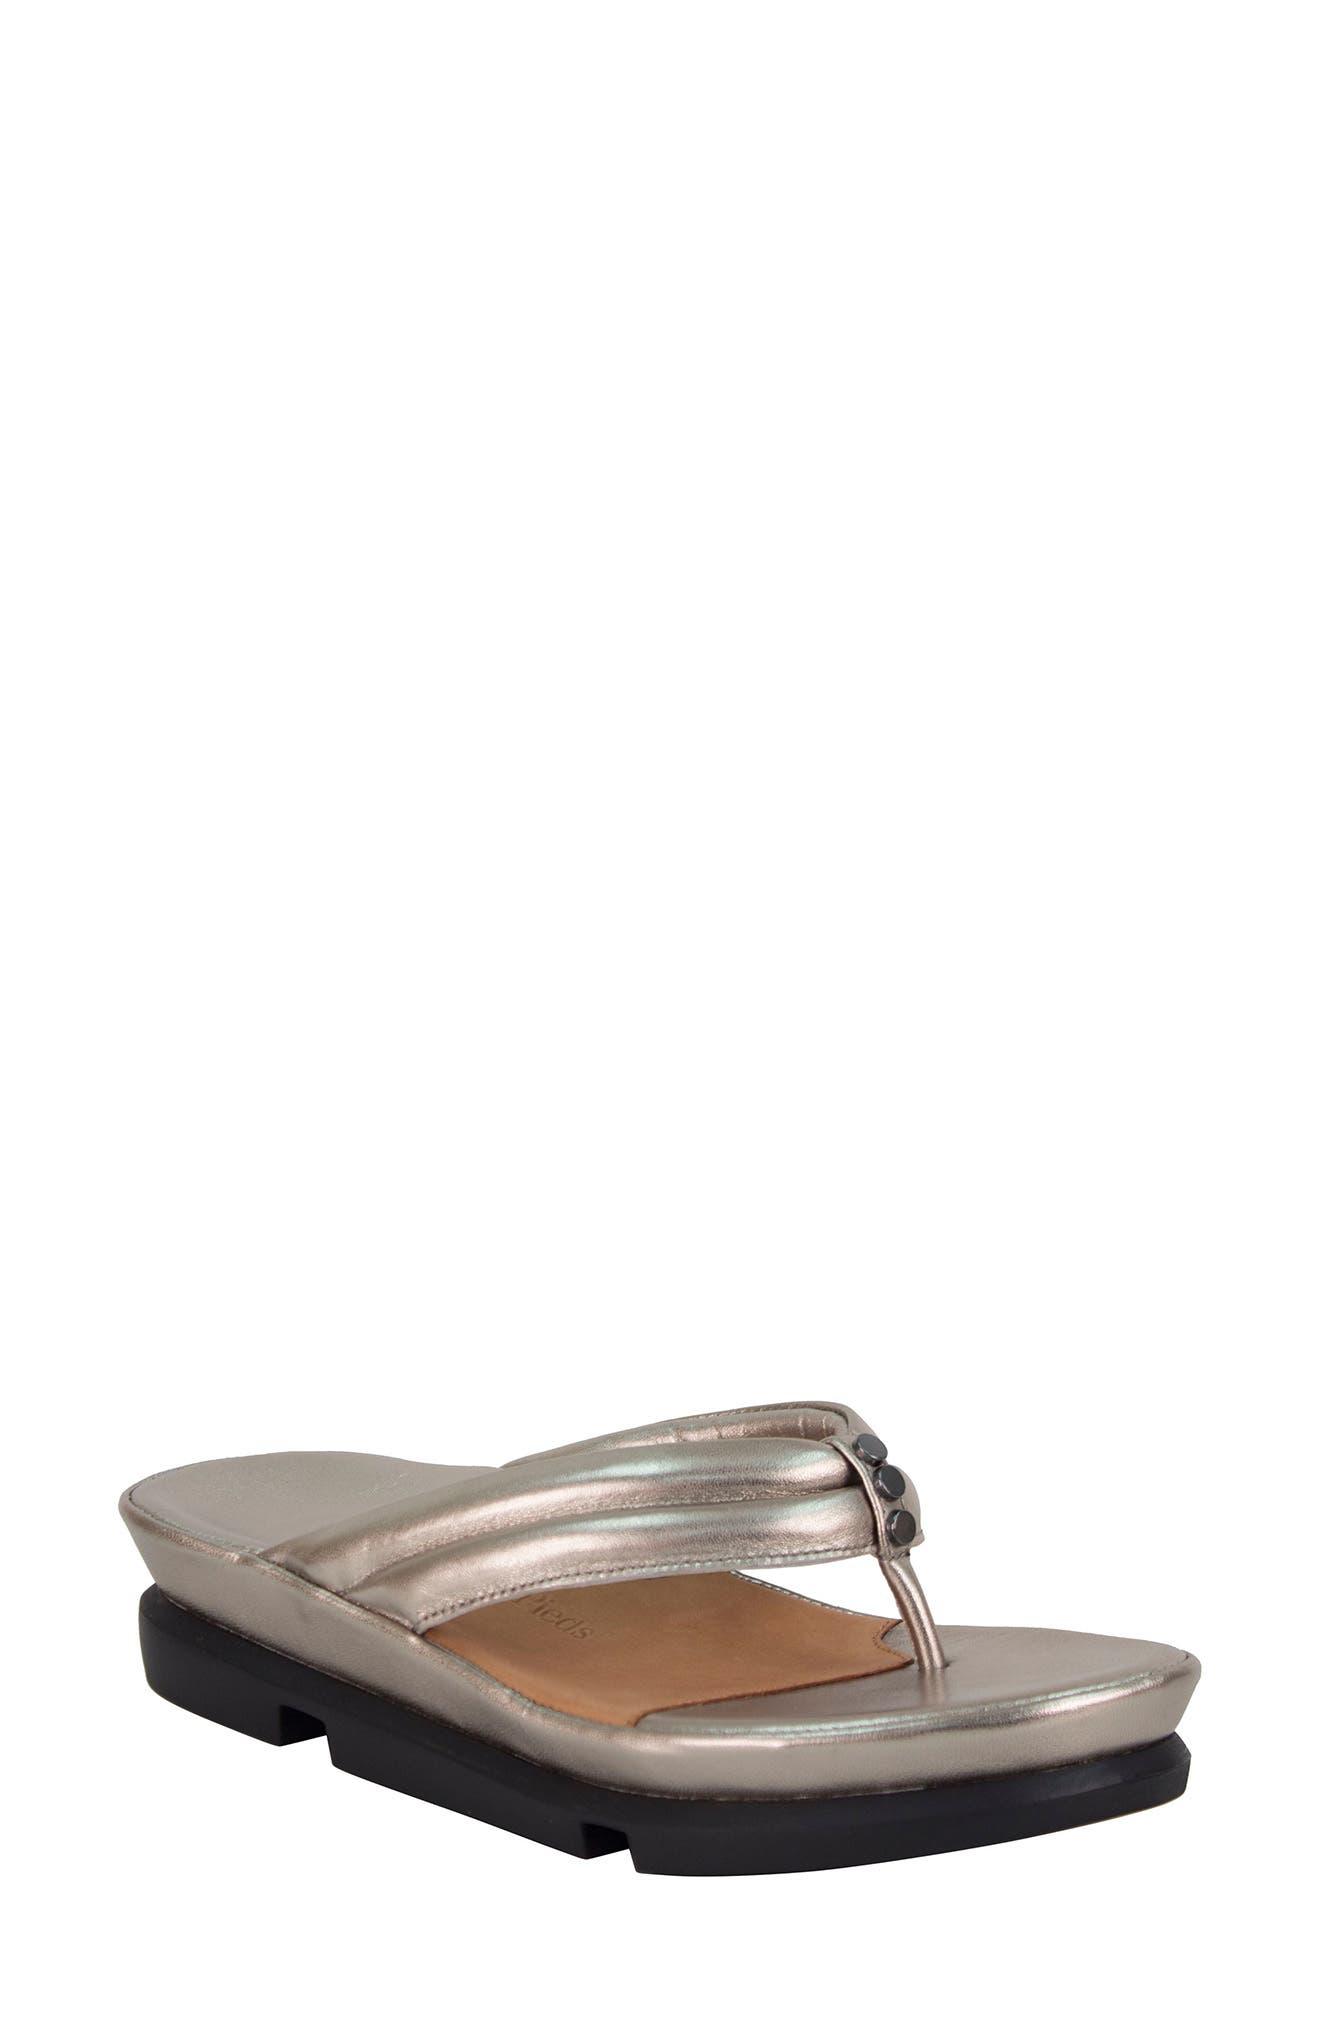 Villapapavero Flip Flop,                         Main,                         color, Pewter Leather